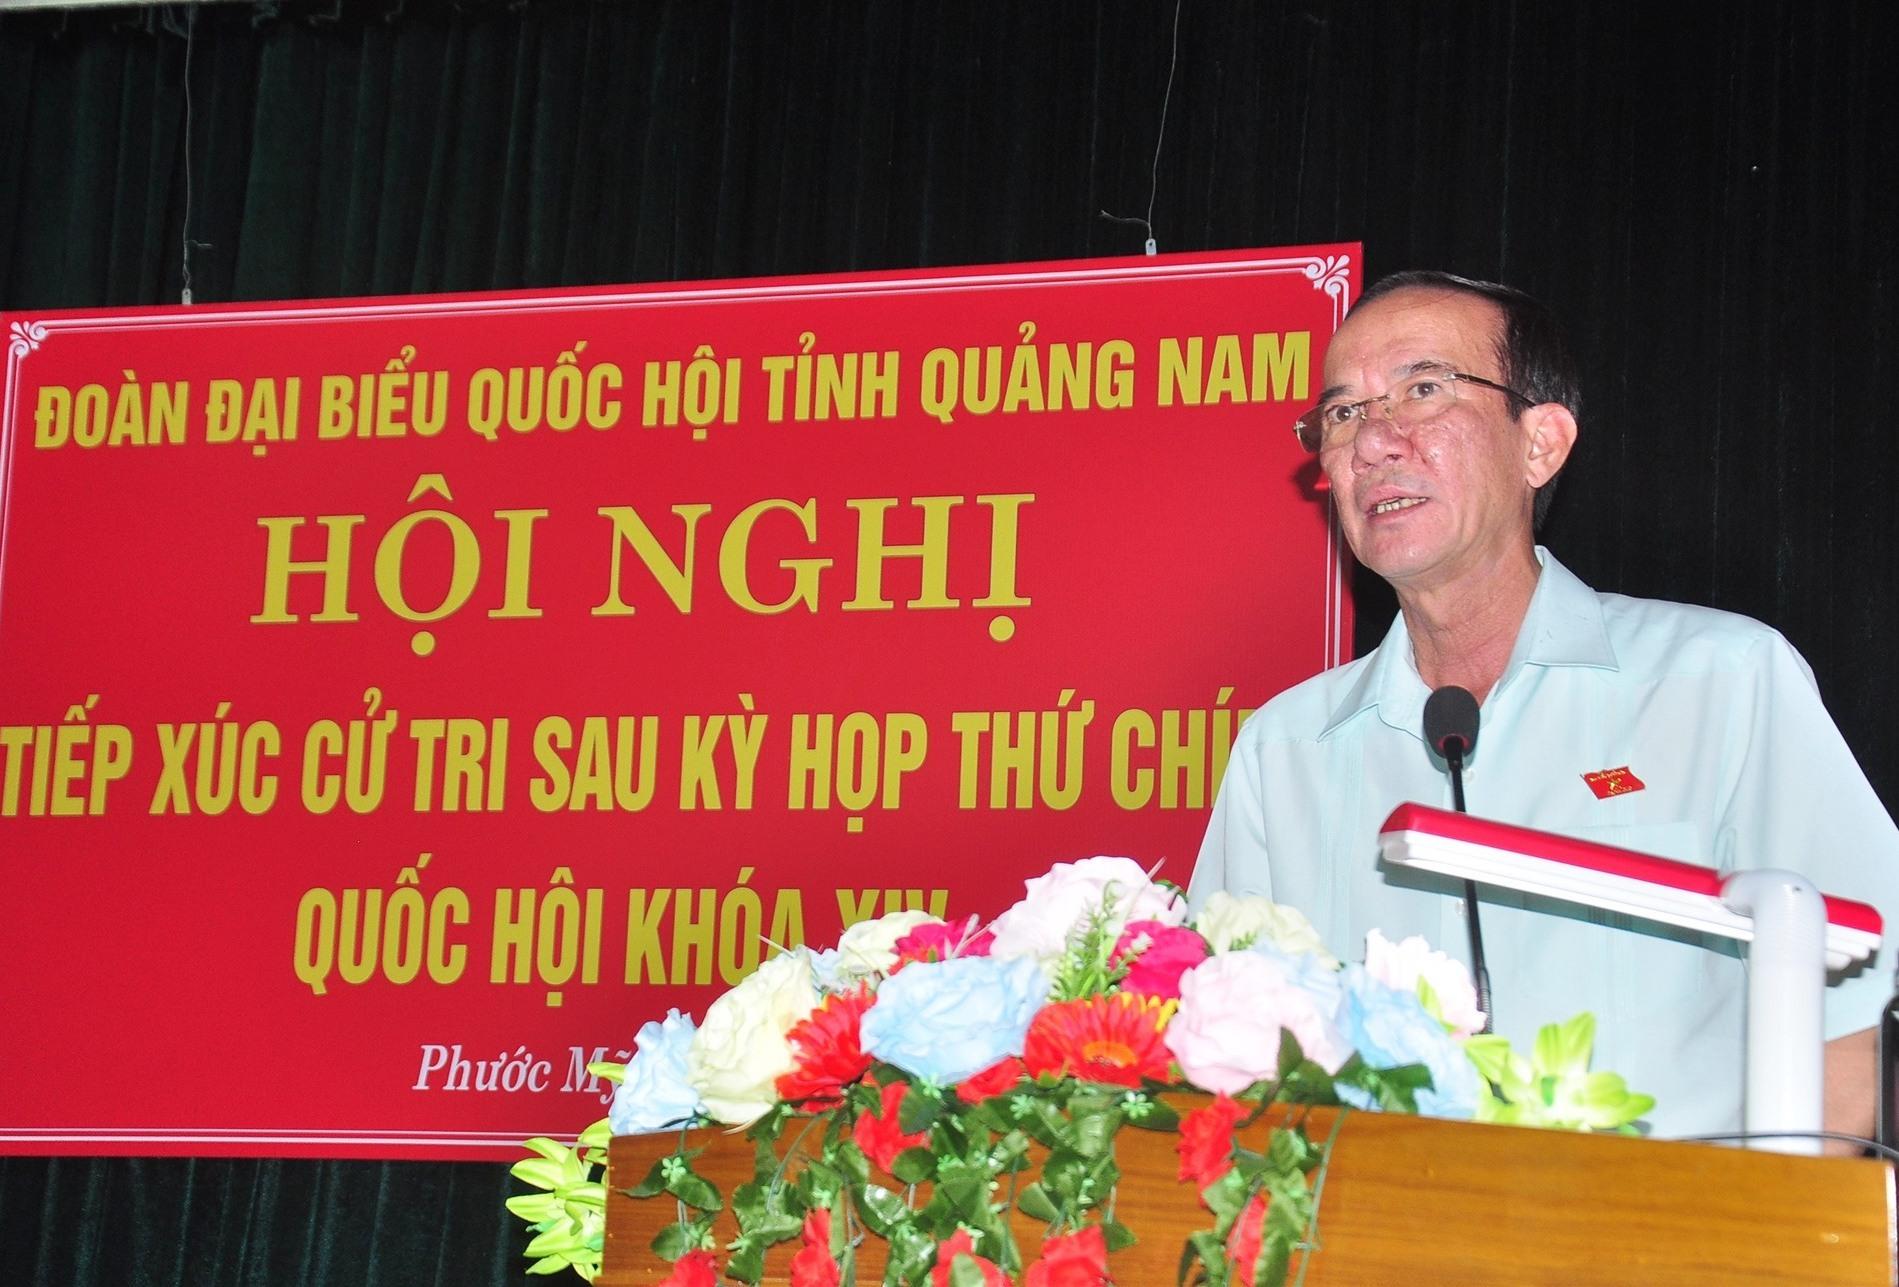 Thiếu tướng Nguyễn Đình Tiến - Phó Tư lệnh Quân khu 5 thay mặt Đoàn ĐBQH tỉnh thông tin với cử tri về kết quả kỳ họp thứ 9 Quốc hội khóa XIV. Ảnh: VINH ANH